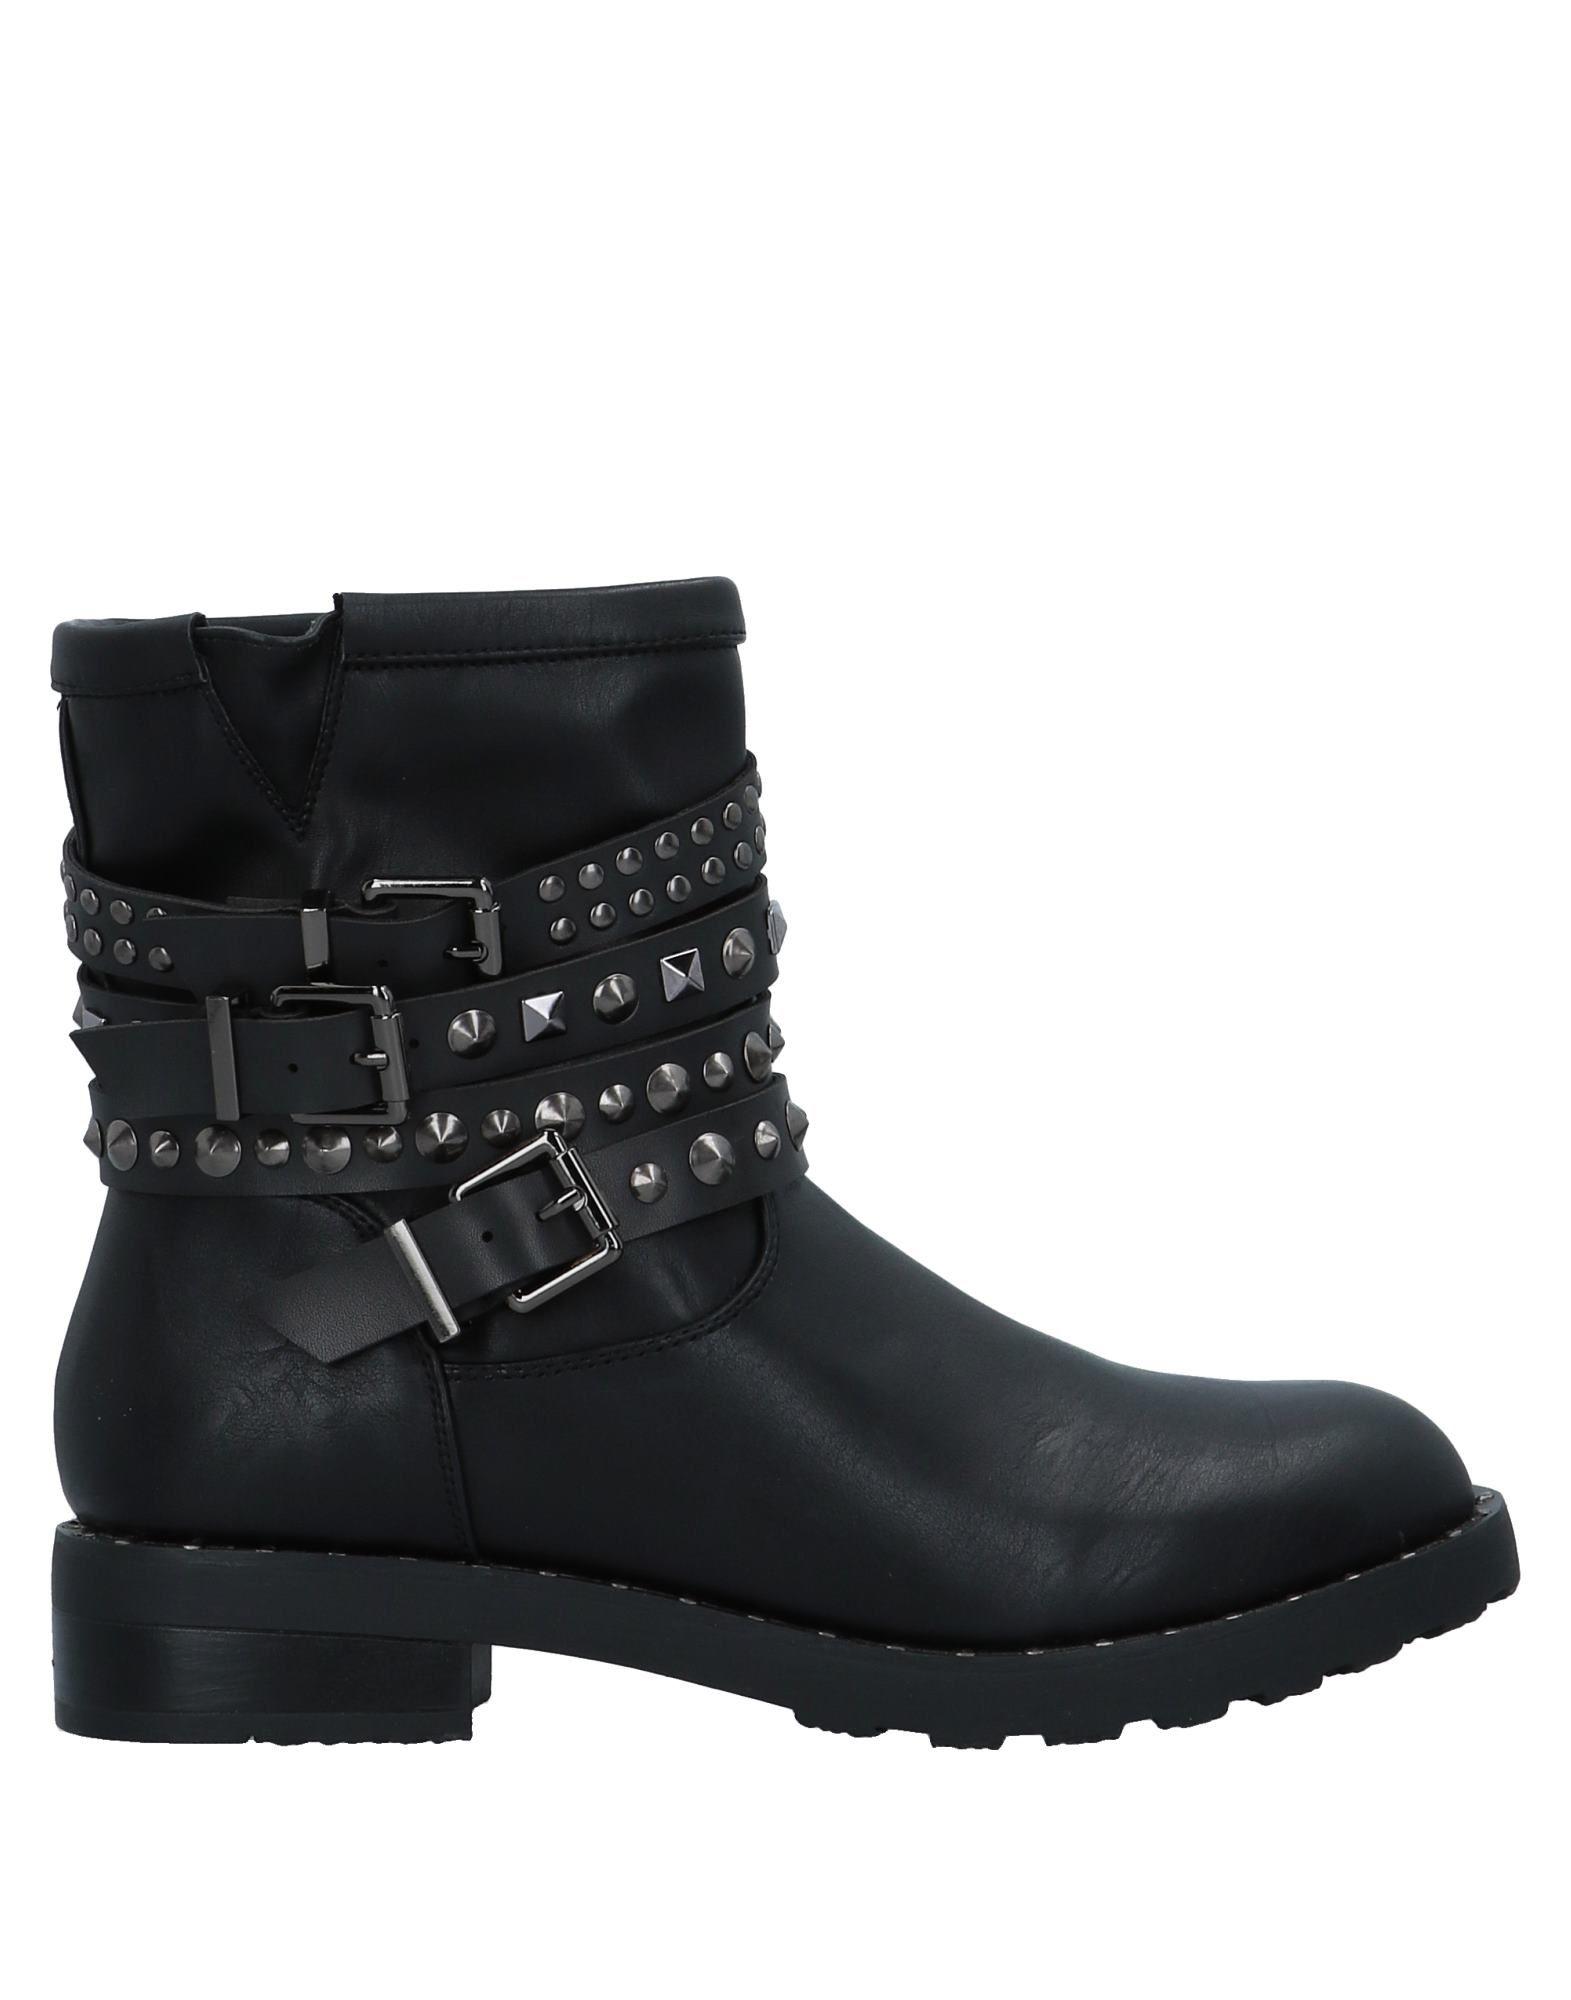 《送料無料》PRIMADONNA レディース ショートブーツ ブラック 36 ゴム / 紡績繊維